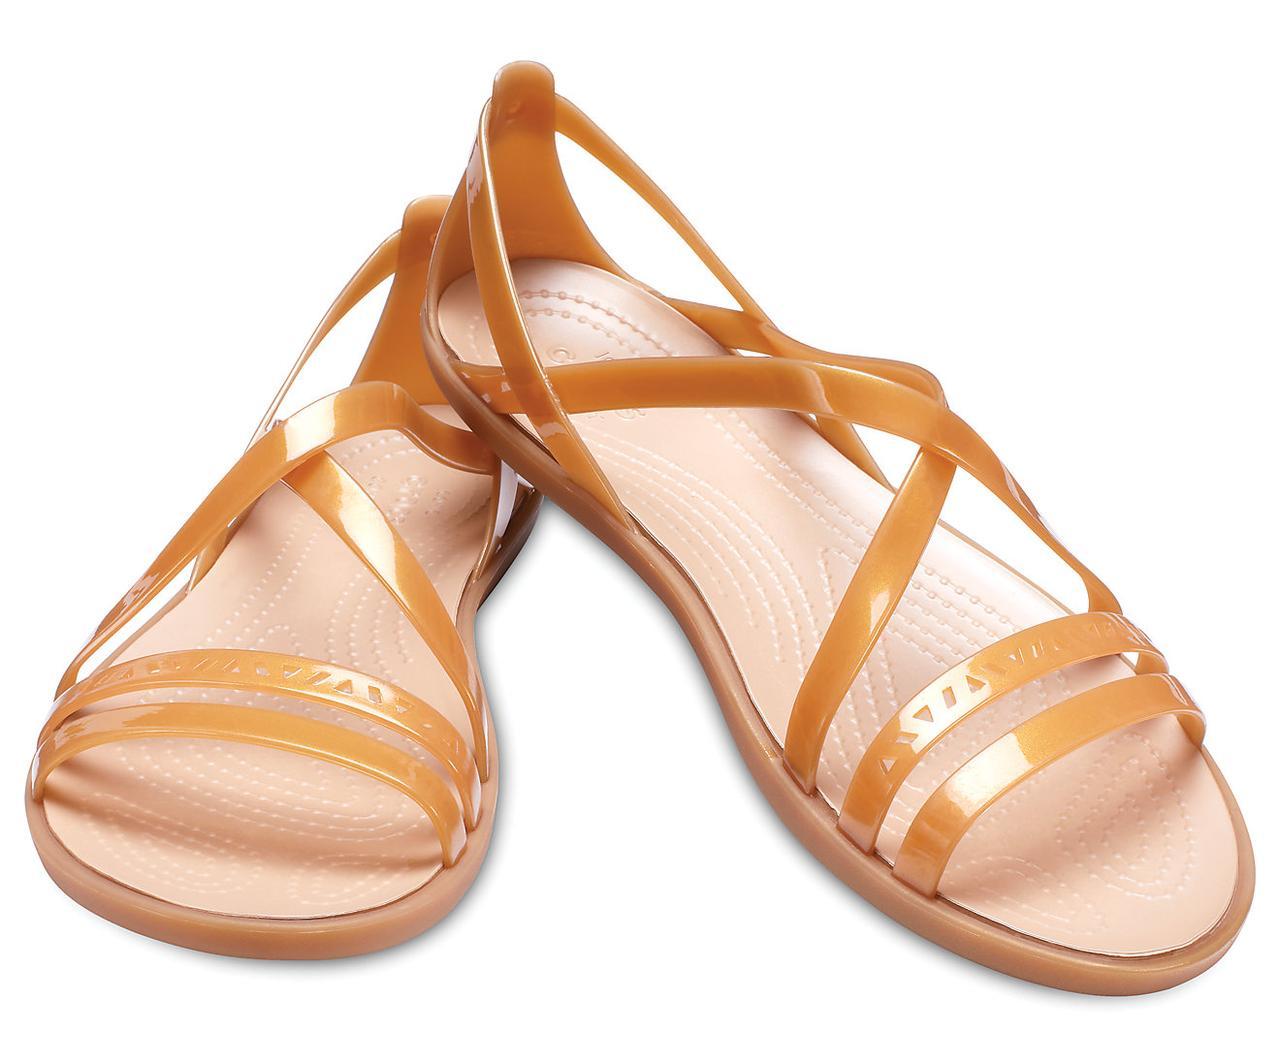 Босоножки женские балетки Крокс Изабелла оригинал / Crocs Women's Isabella Strappy Sandal (205149), Золотистые